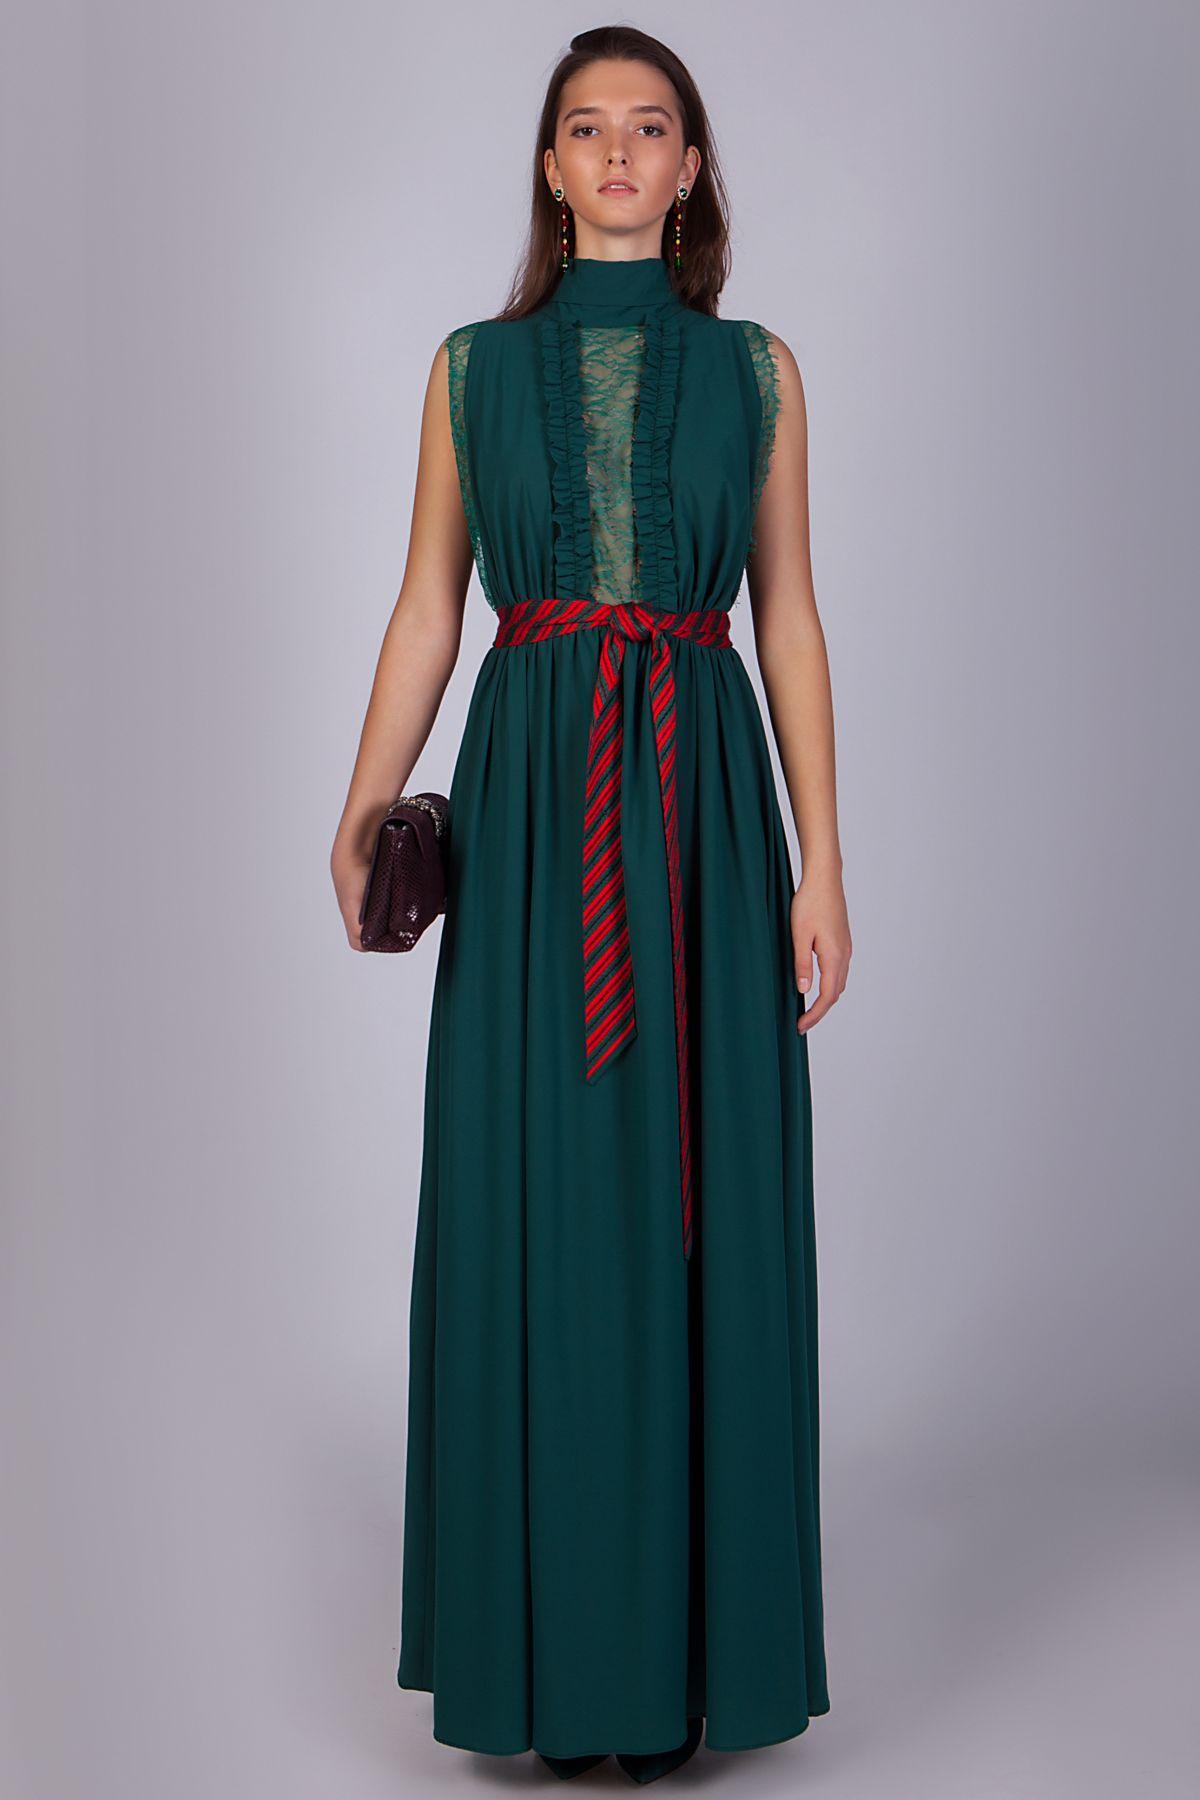 029b804e7d8c Длинное вечернее платье изумрудного цвета   Купить вечернее платье в ...